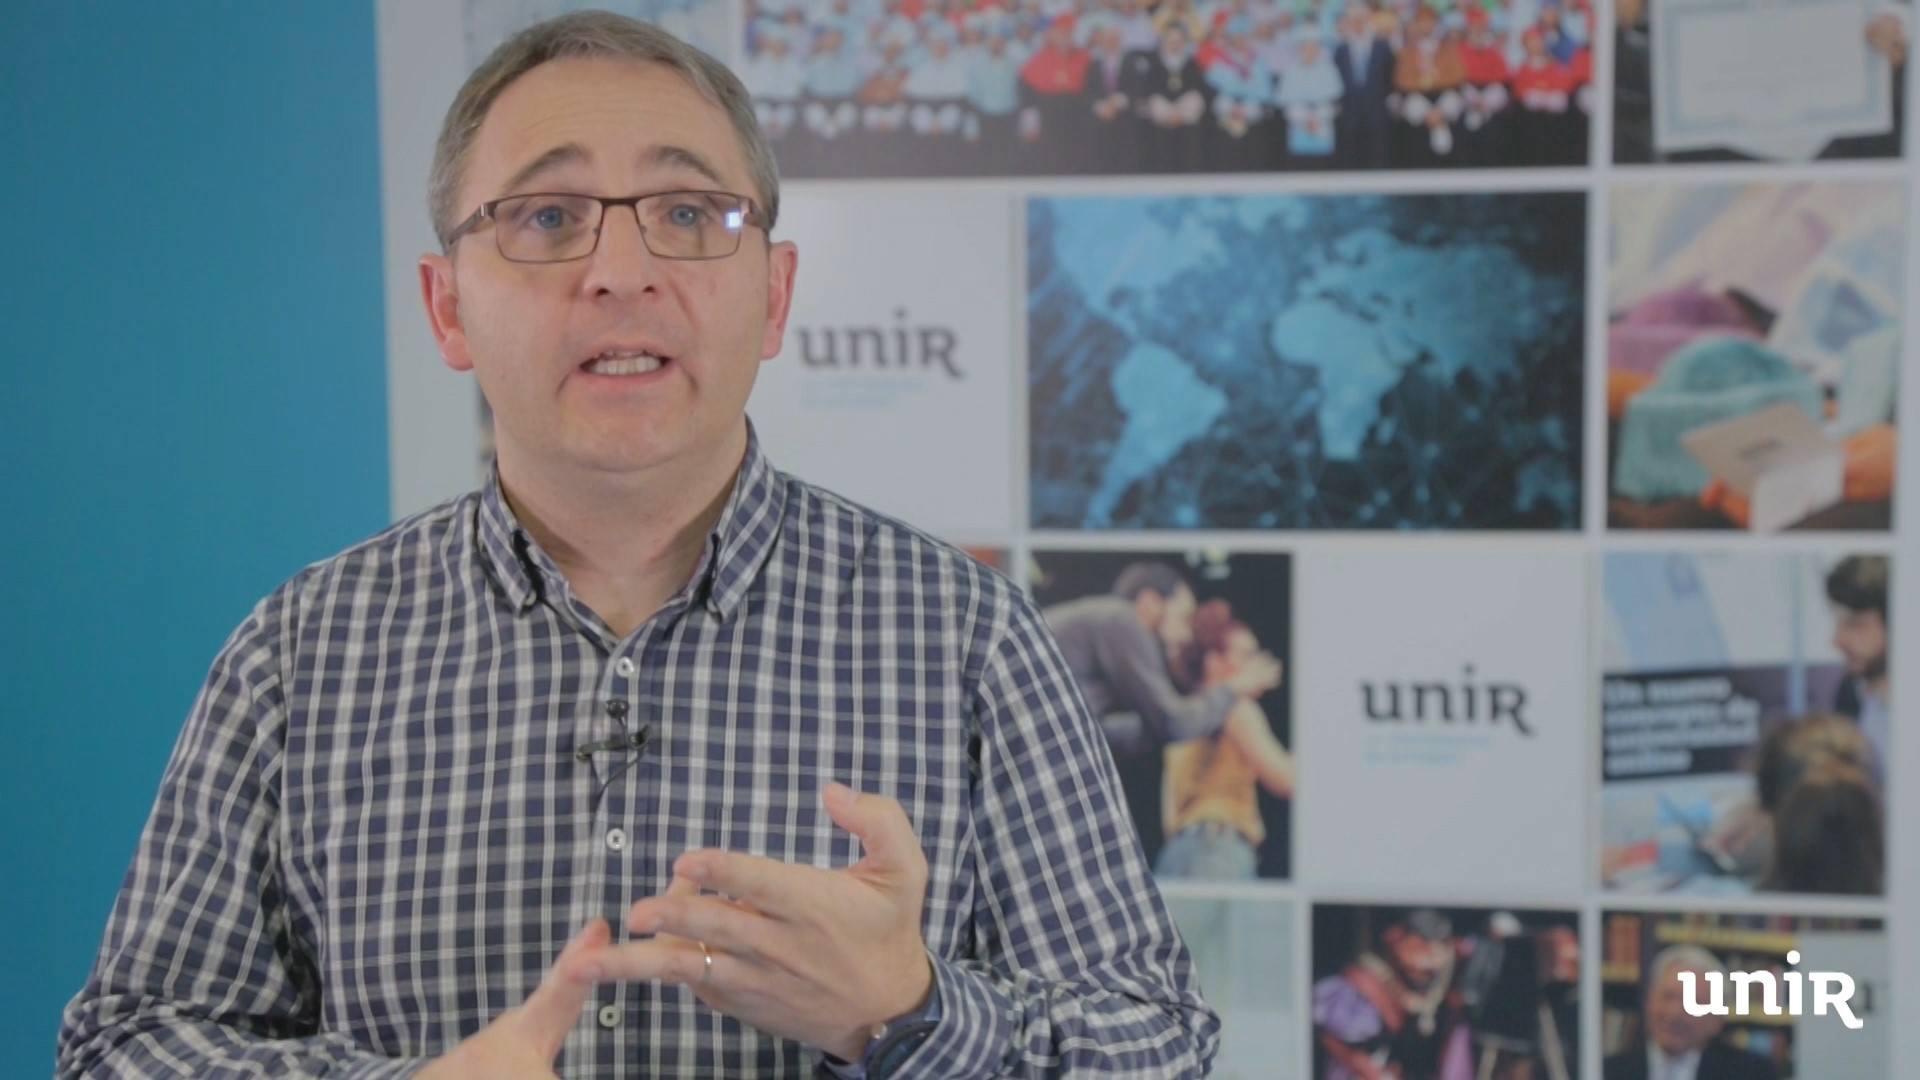 Miguel Ángel Migel, Profesor del curso de Formación Permanente Competencias Digitales en la enseñanza de las Matemáticas